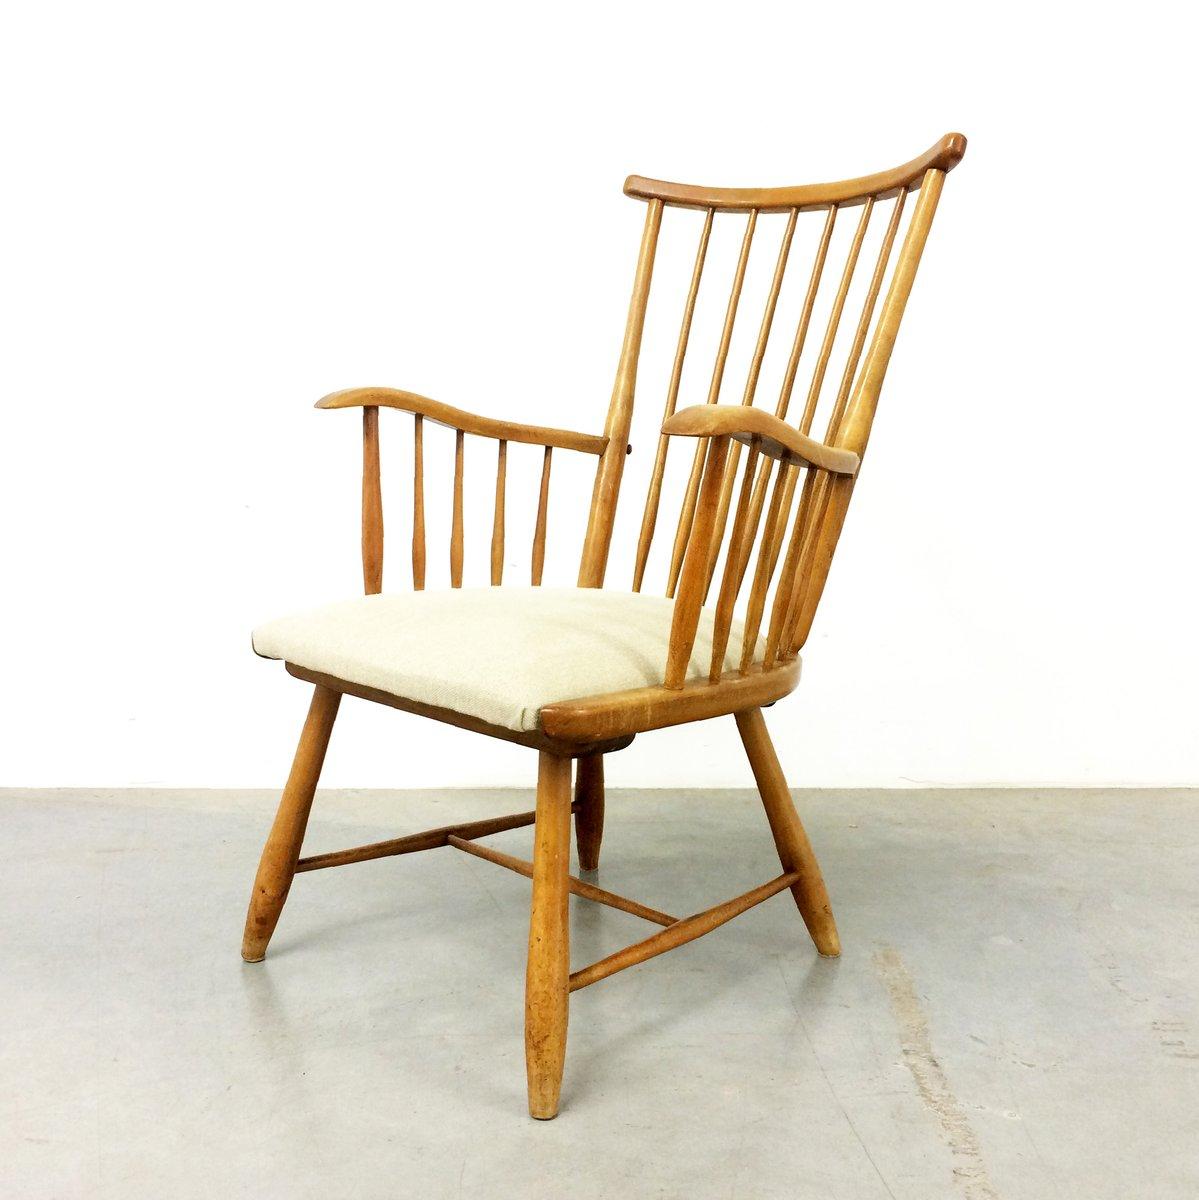 wk s7 armlehnstuhl von arno lambrecht f r wk m bel 1950er. Black Bedroom Furniture Sets. Home Design Ideas